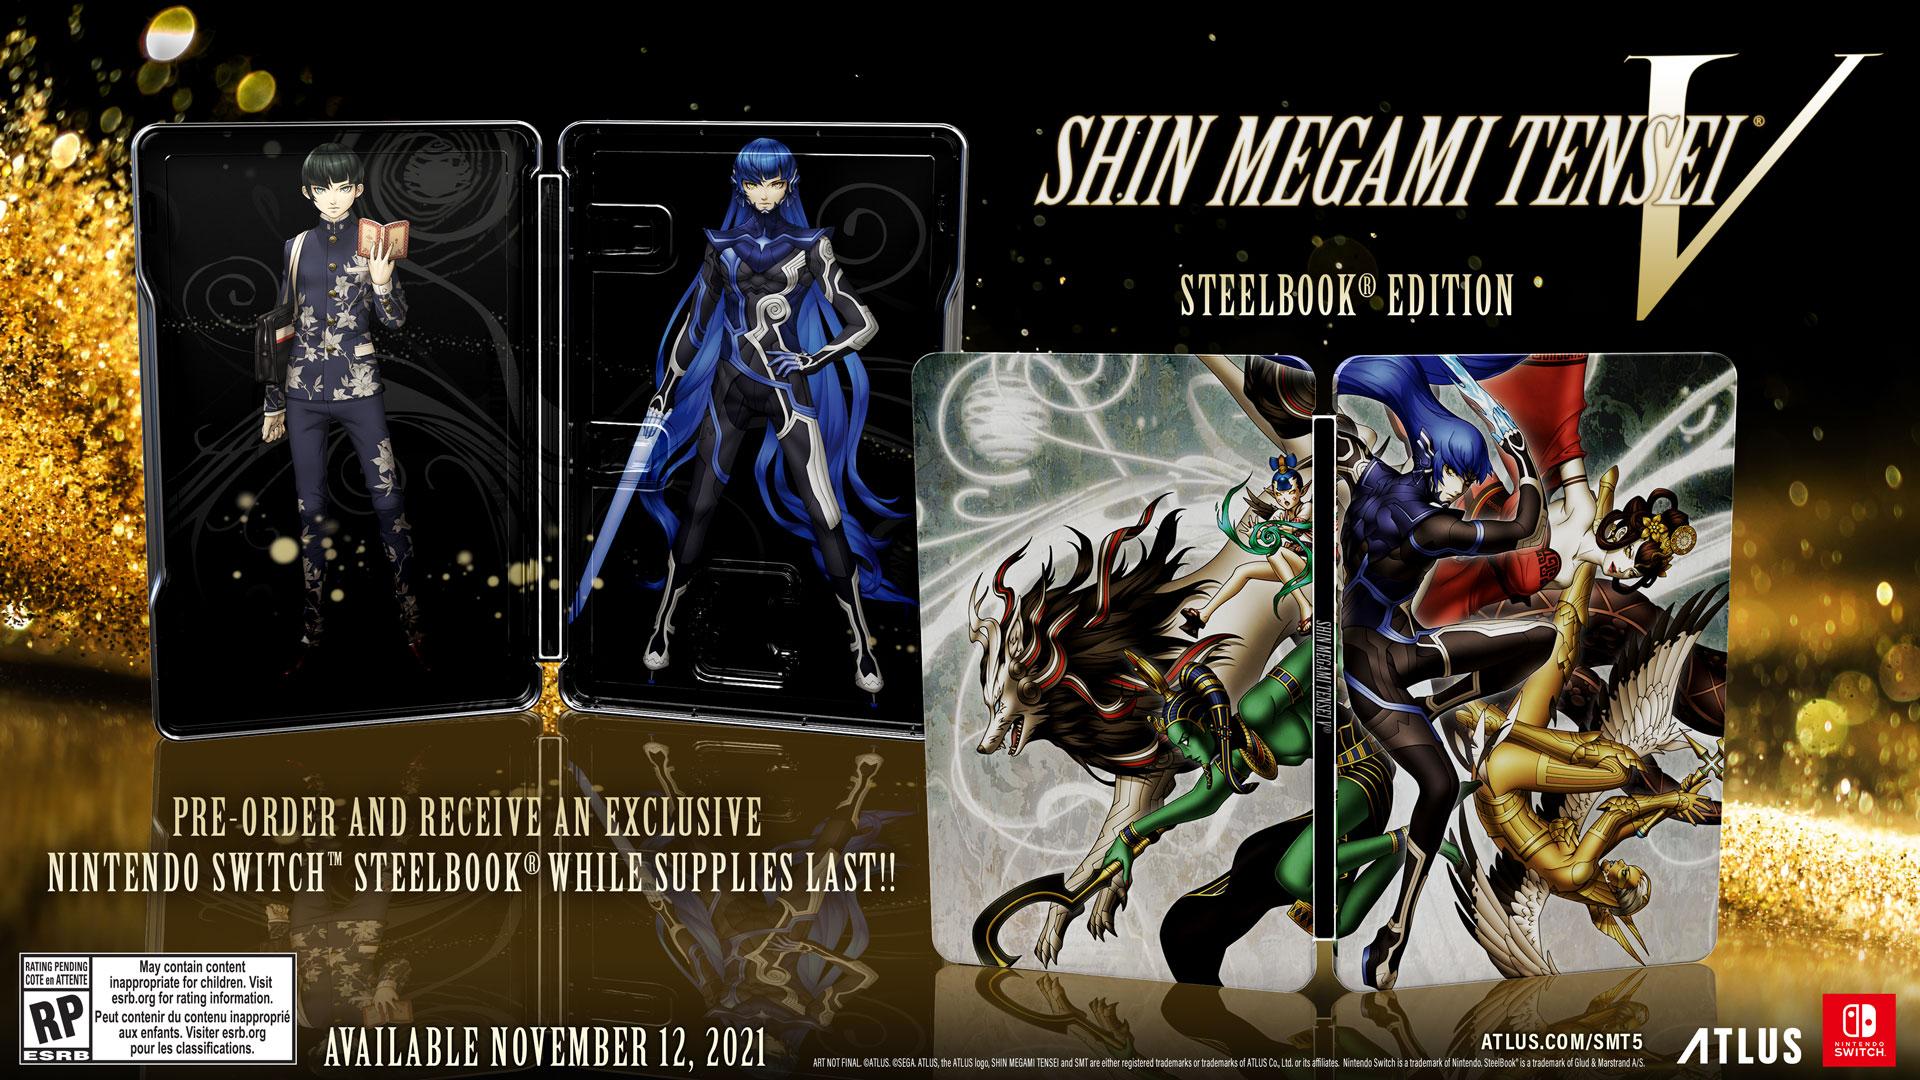 shin megami tensei 5 steelbook edition